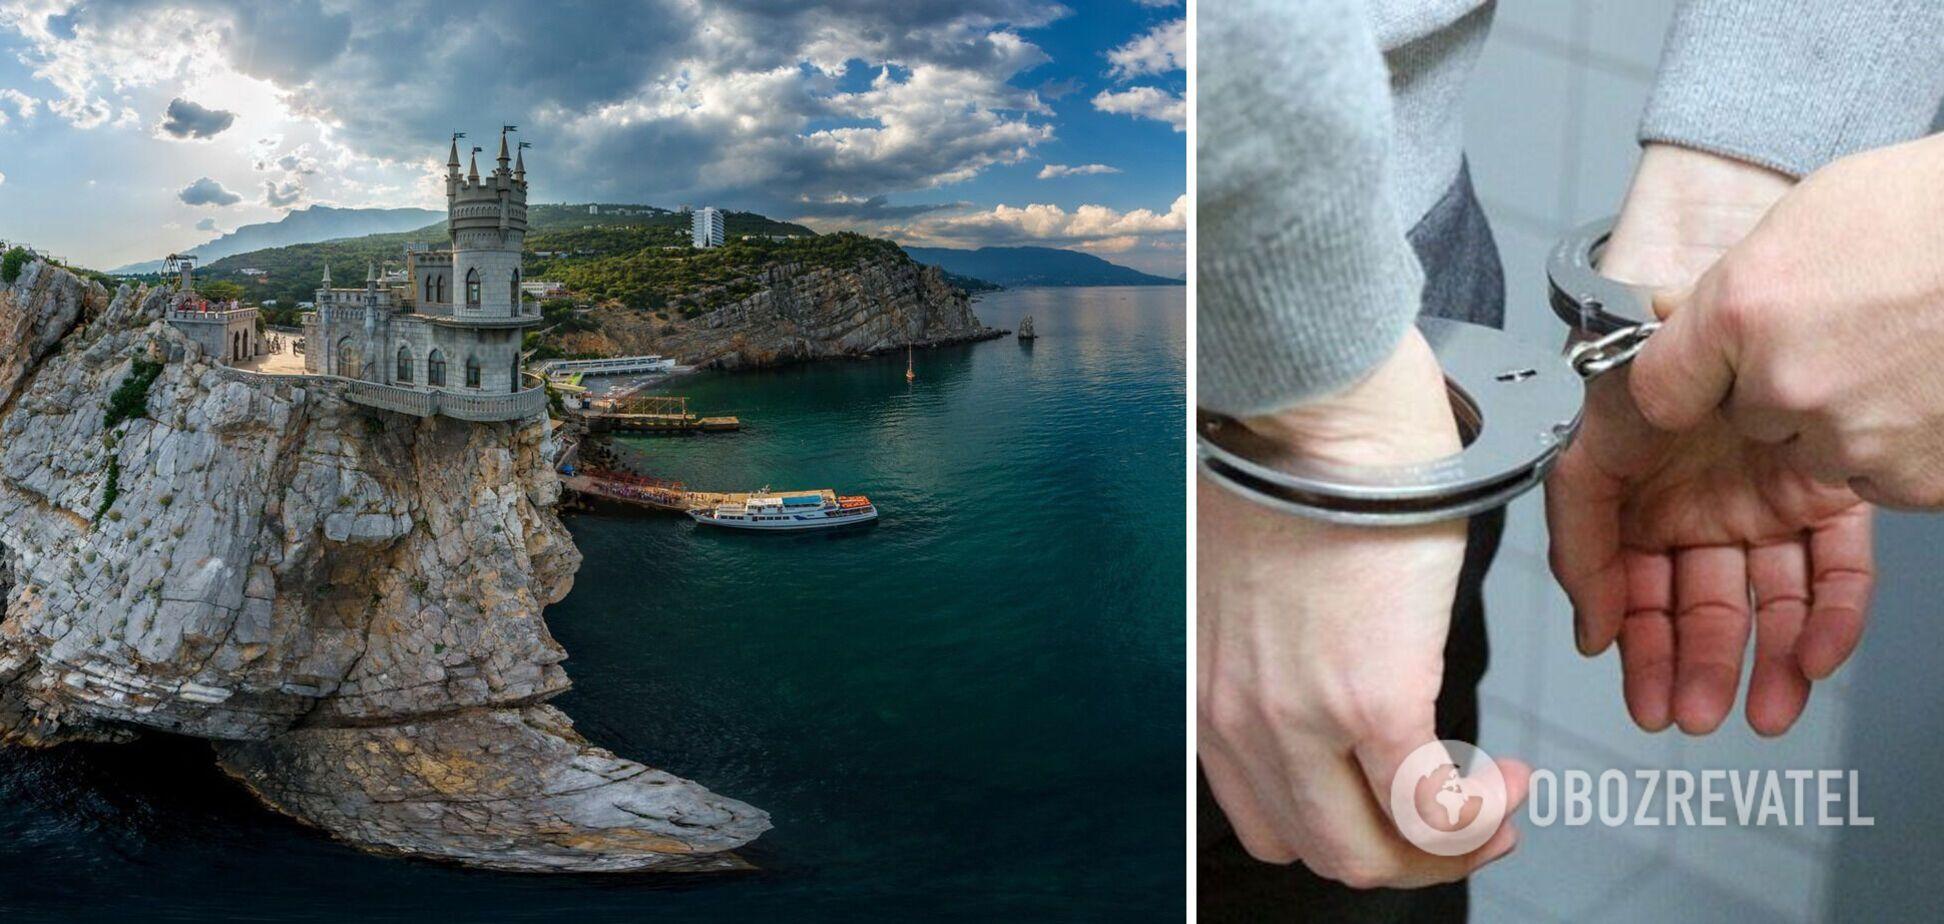 Пришло время 'героев крымской весны' заковать в наручники